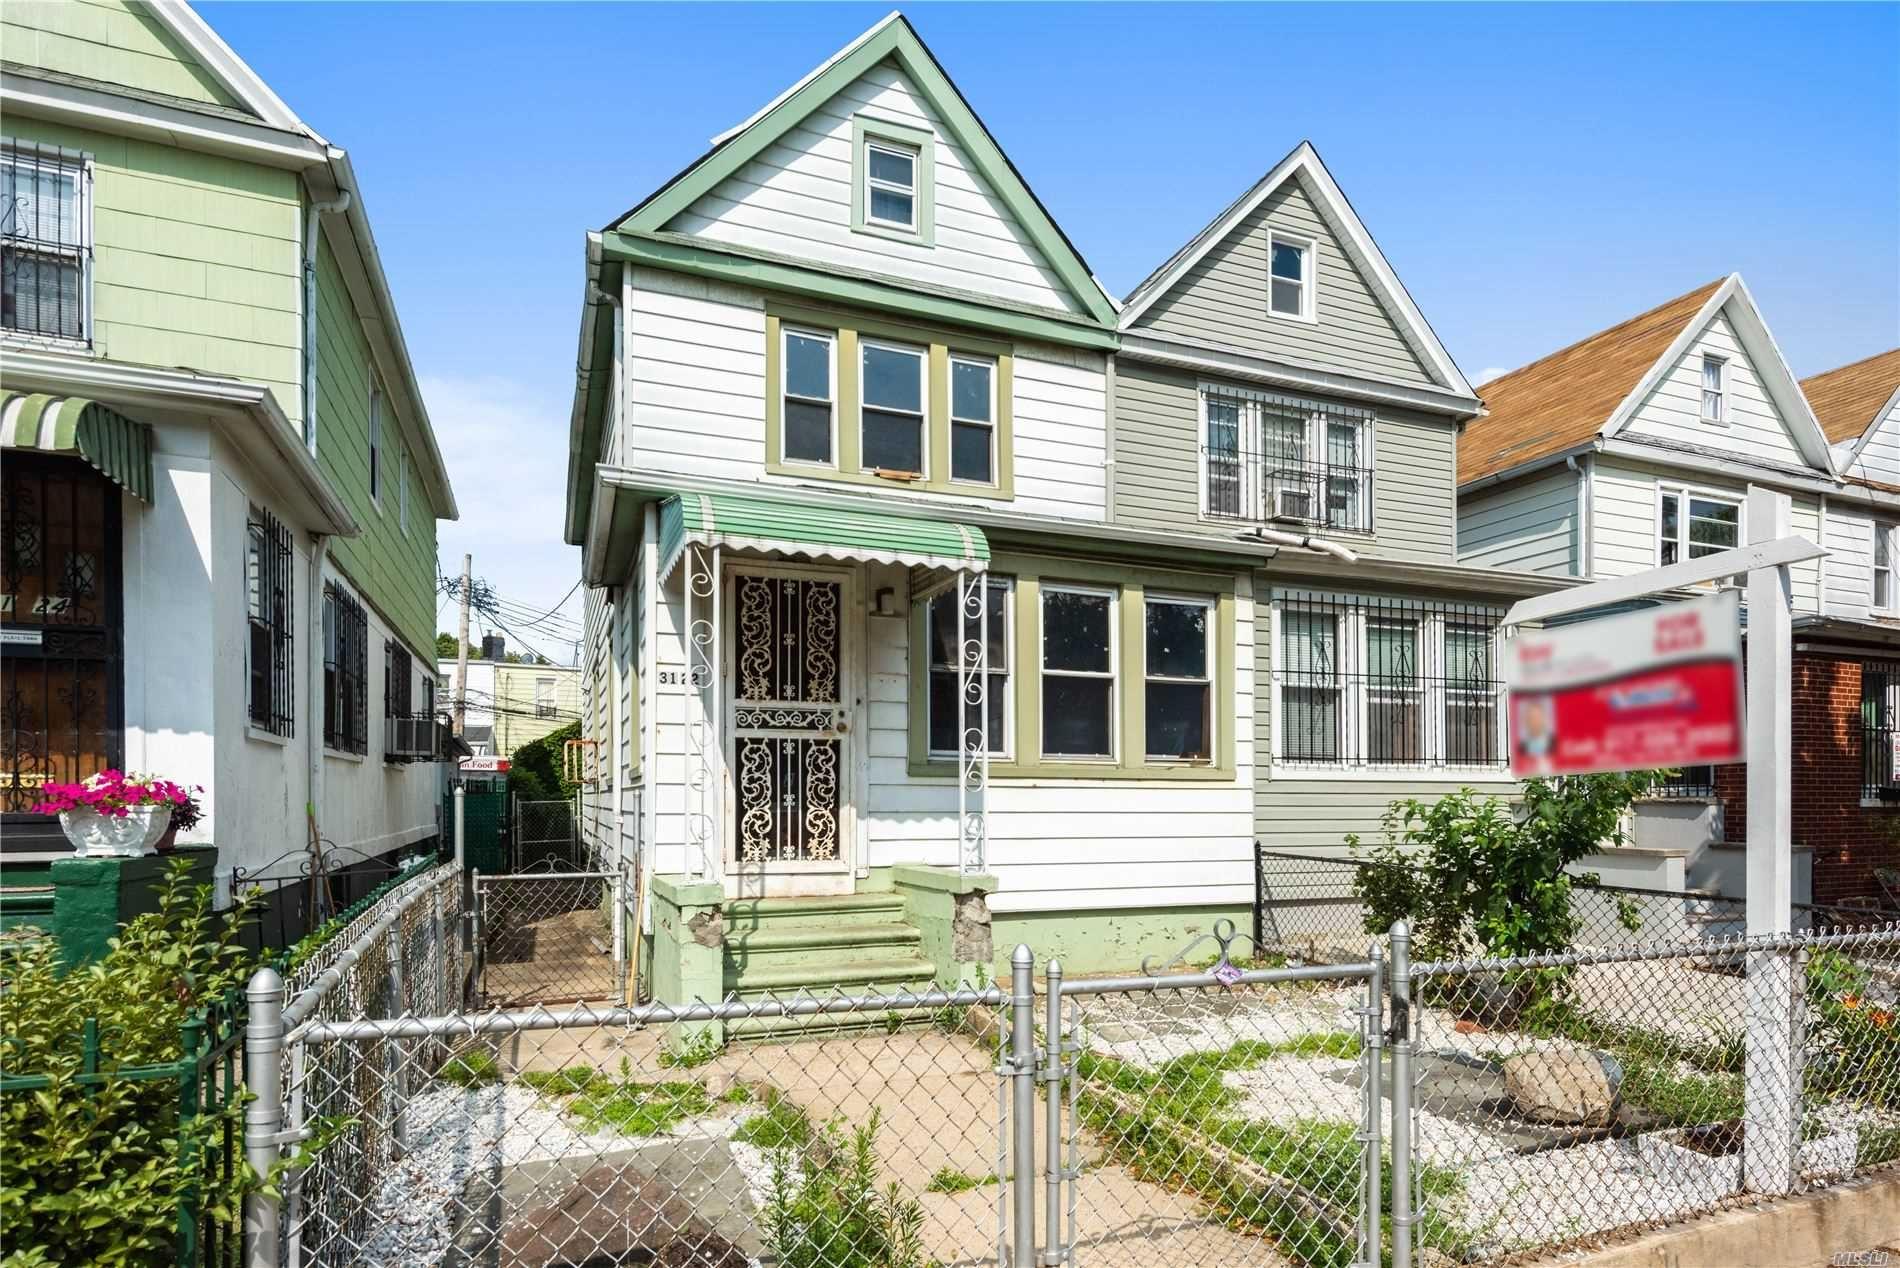 31-22 96 Street, E. Elmhurst, NY 11369 - MLS#: 3234332